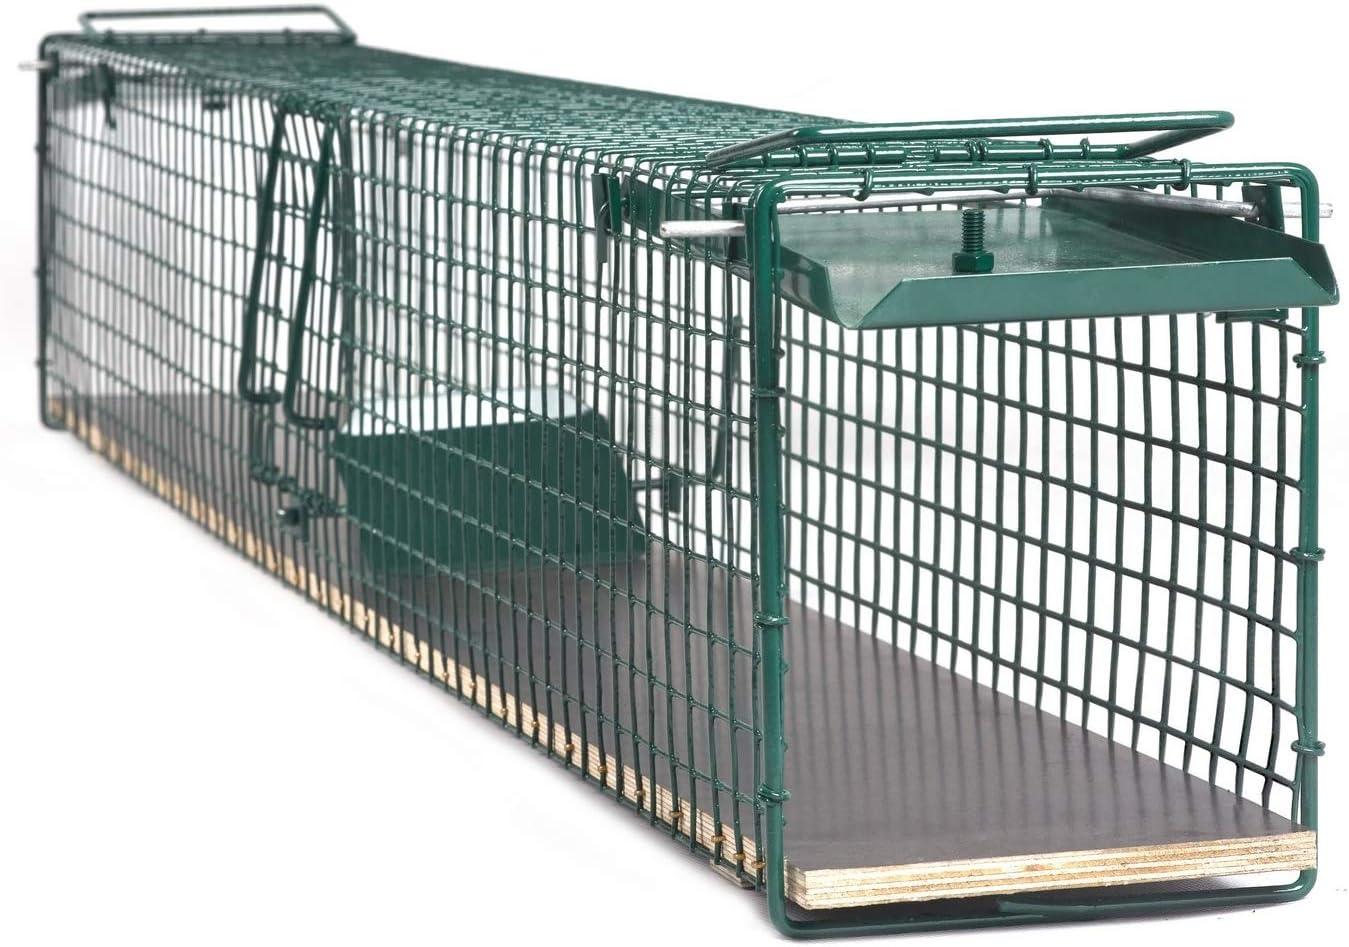 100cm Katzenfalle Waschbärfalle Lebendfalle Falle Kastenfalle Tierfalle #63#